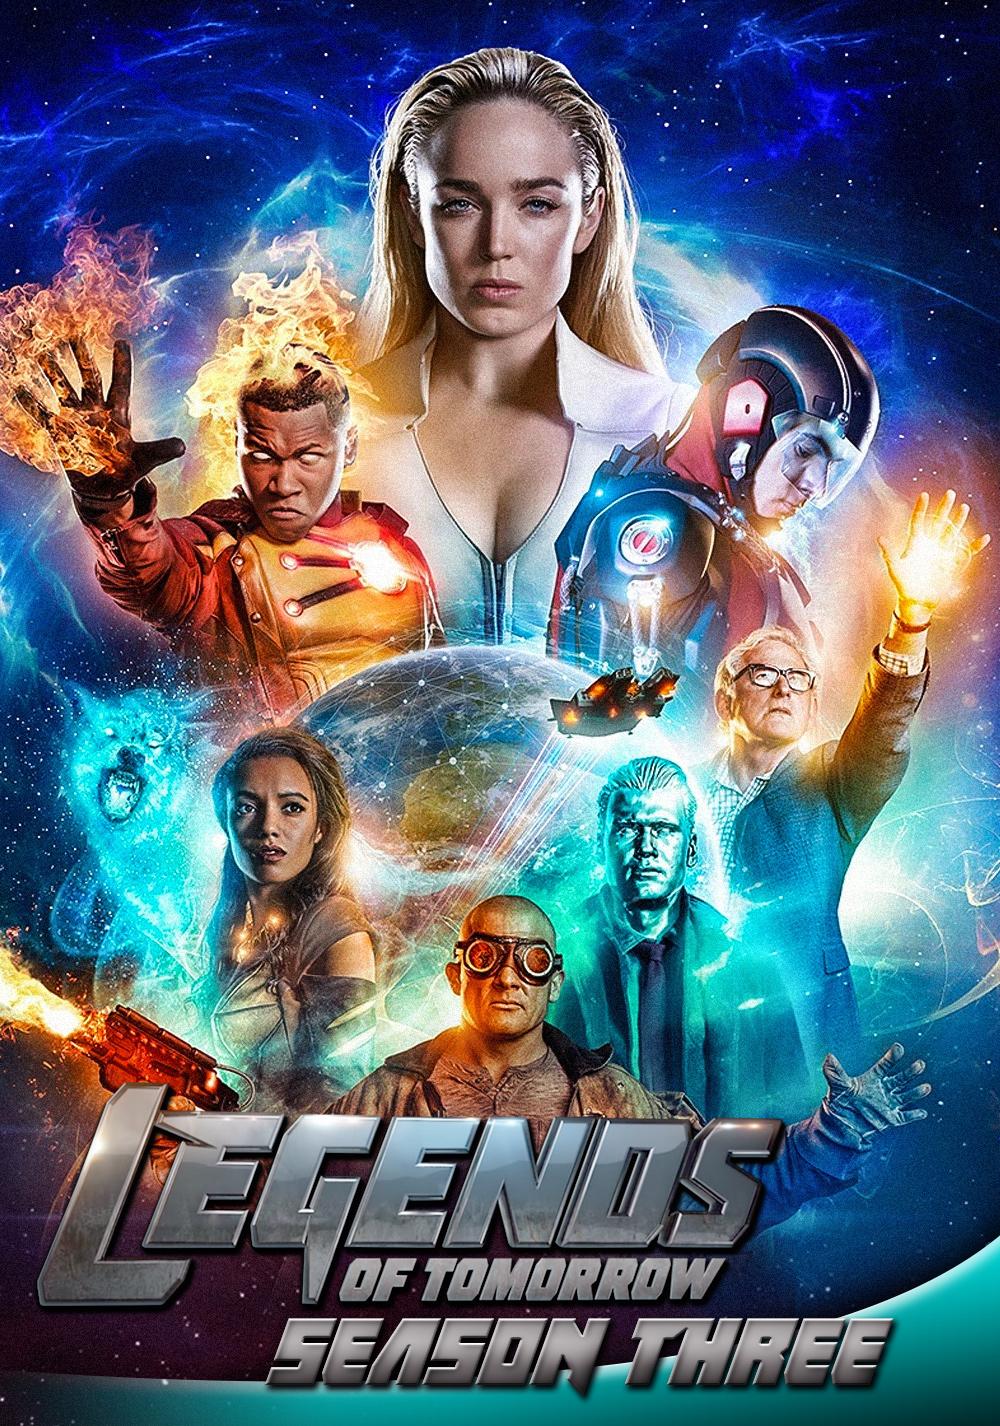 مسلسل Legends of Tomorrow الموسم الثالث حلقة 7 مترجمة